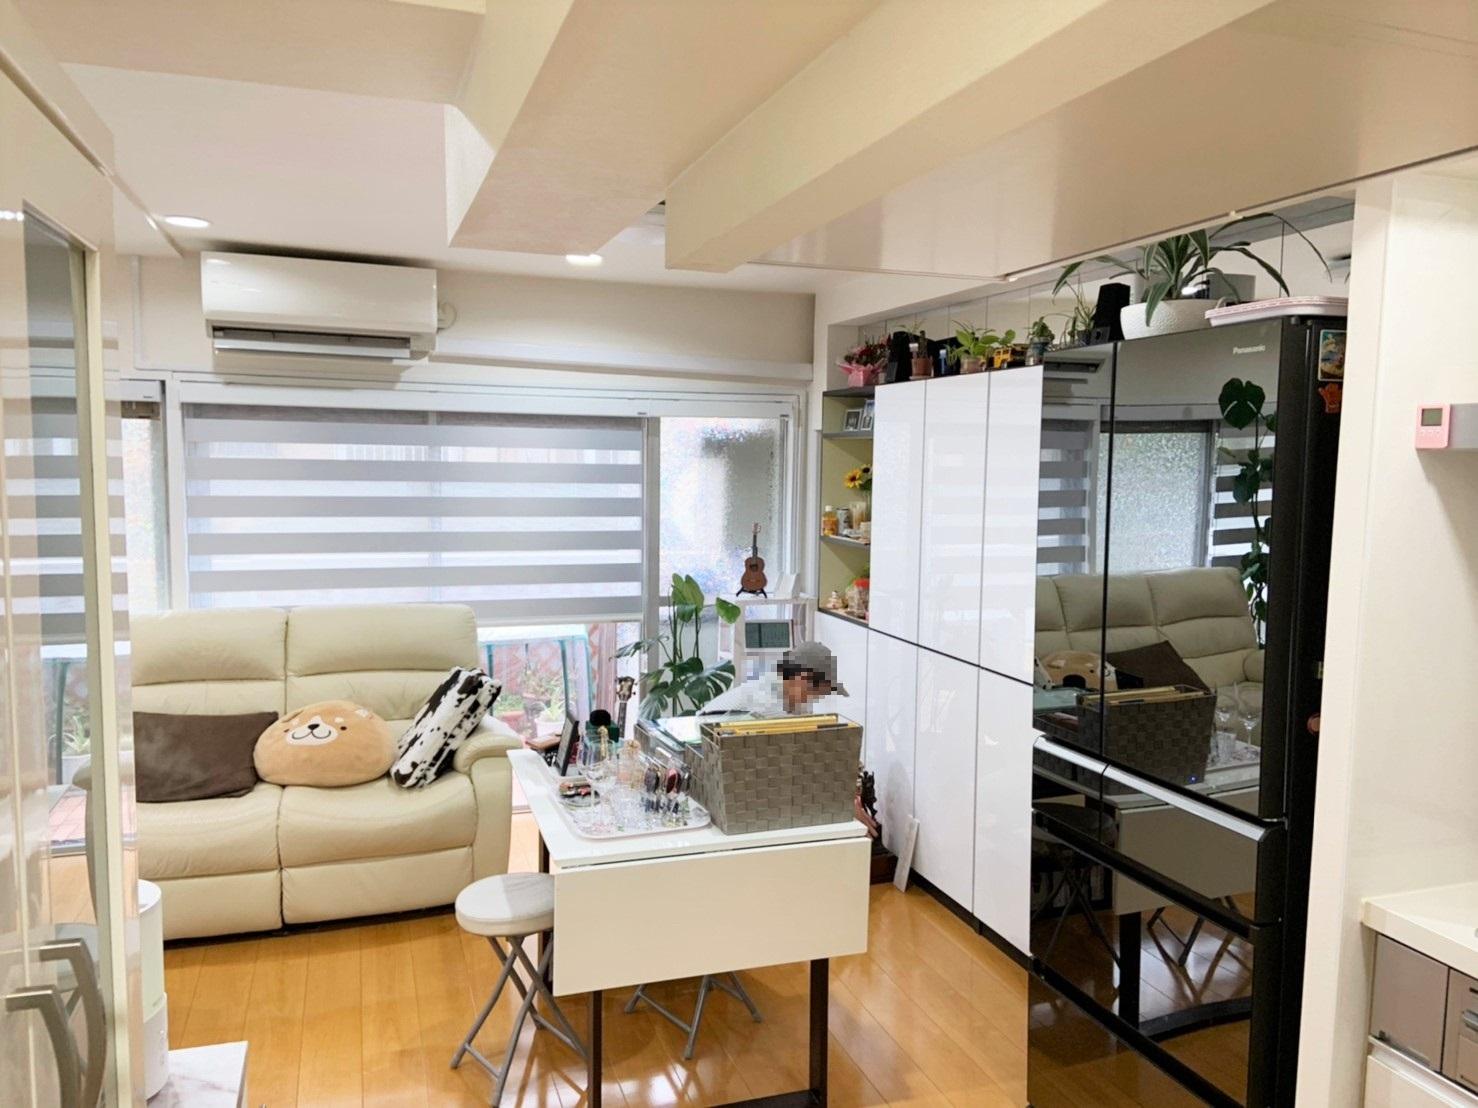 千葉県松戸市Y様邸 マンションの間取り変更リフォーム